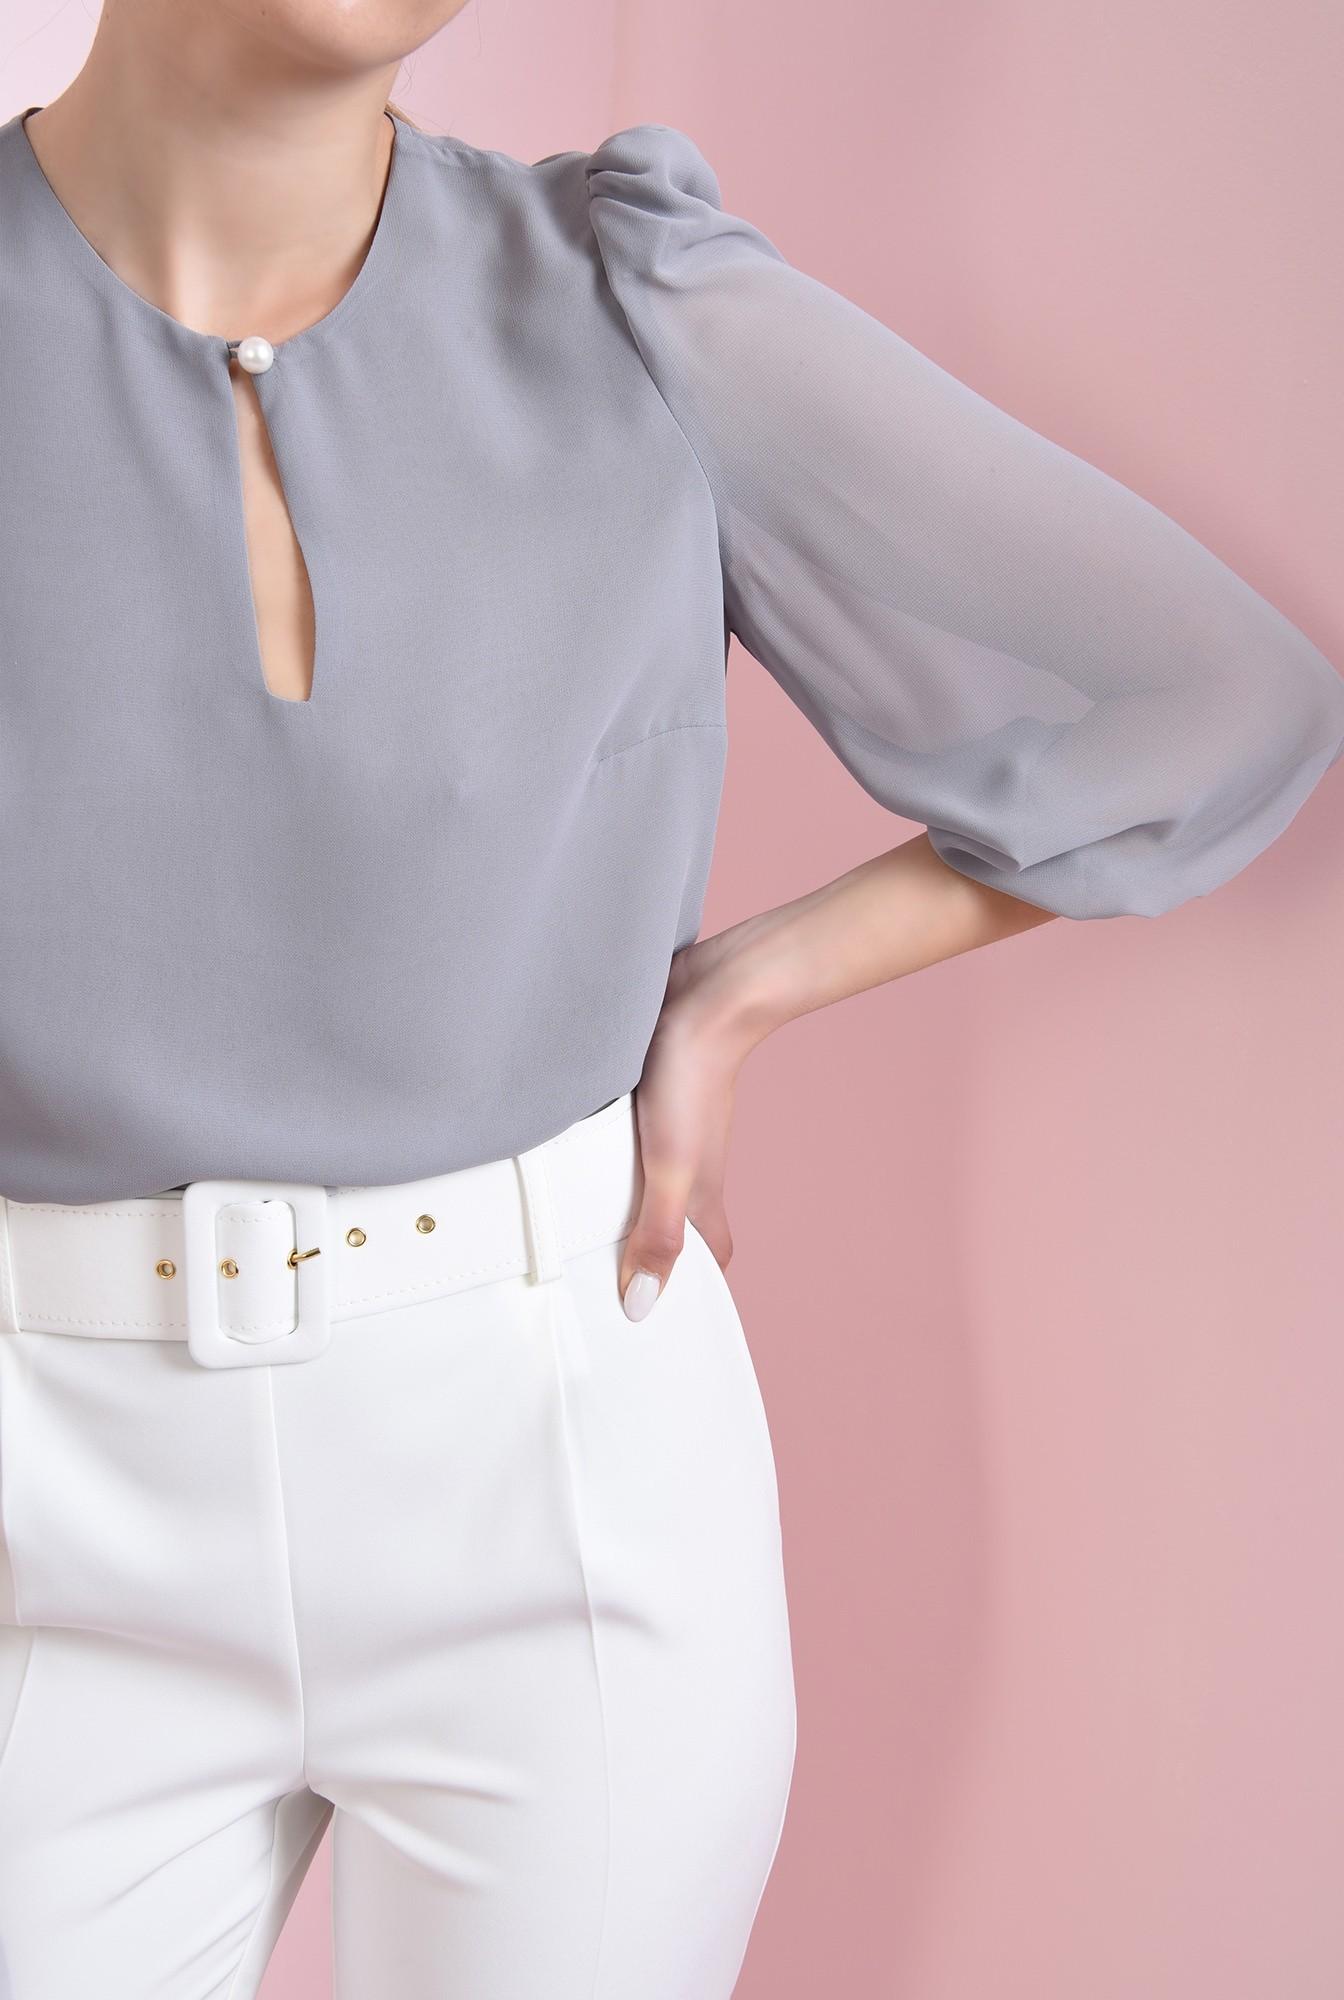 360 - bluza casual, gri, cu nasture